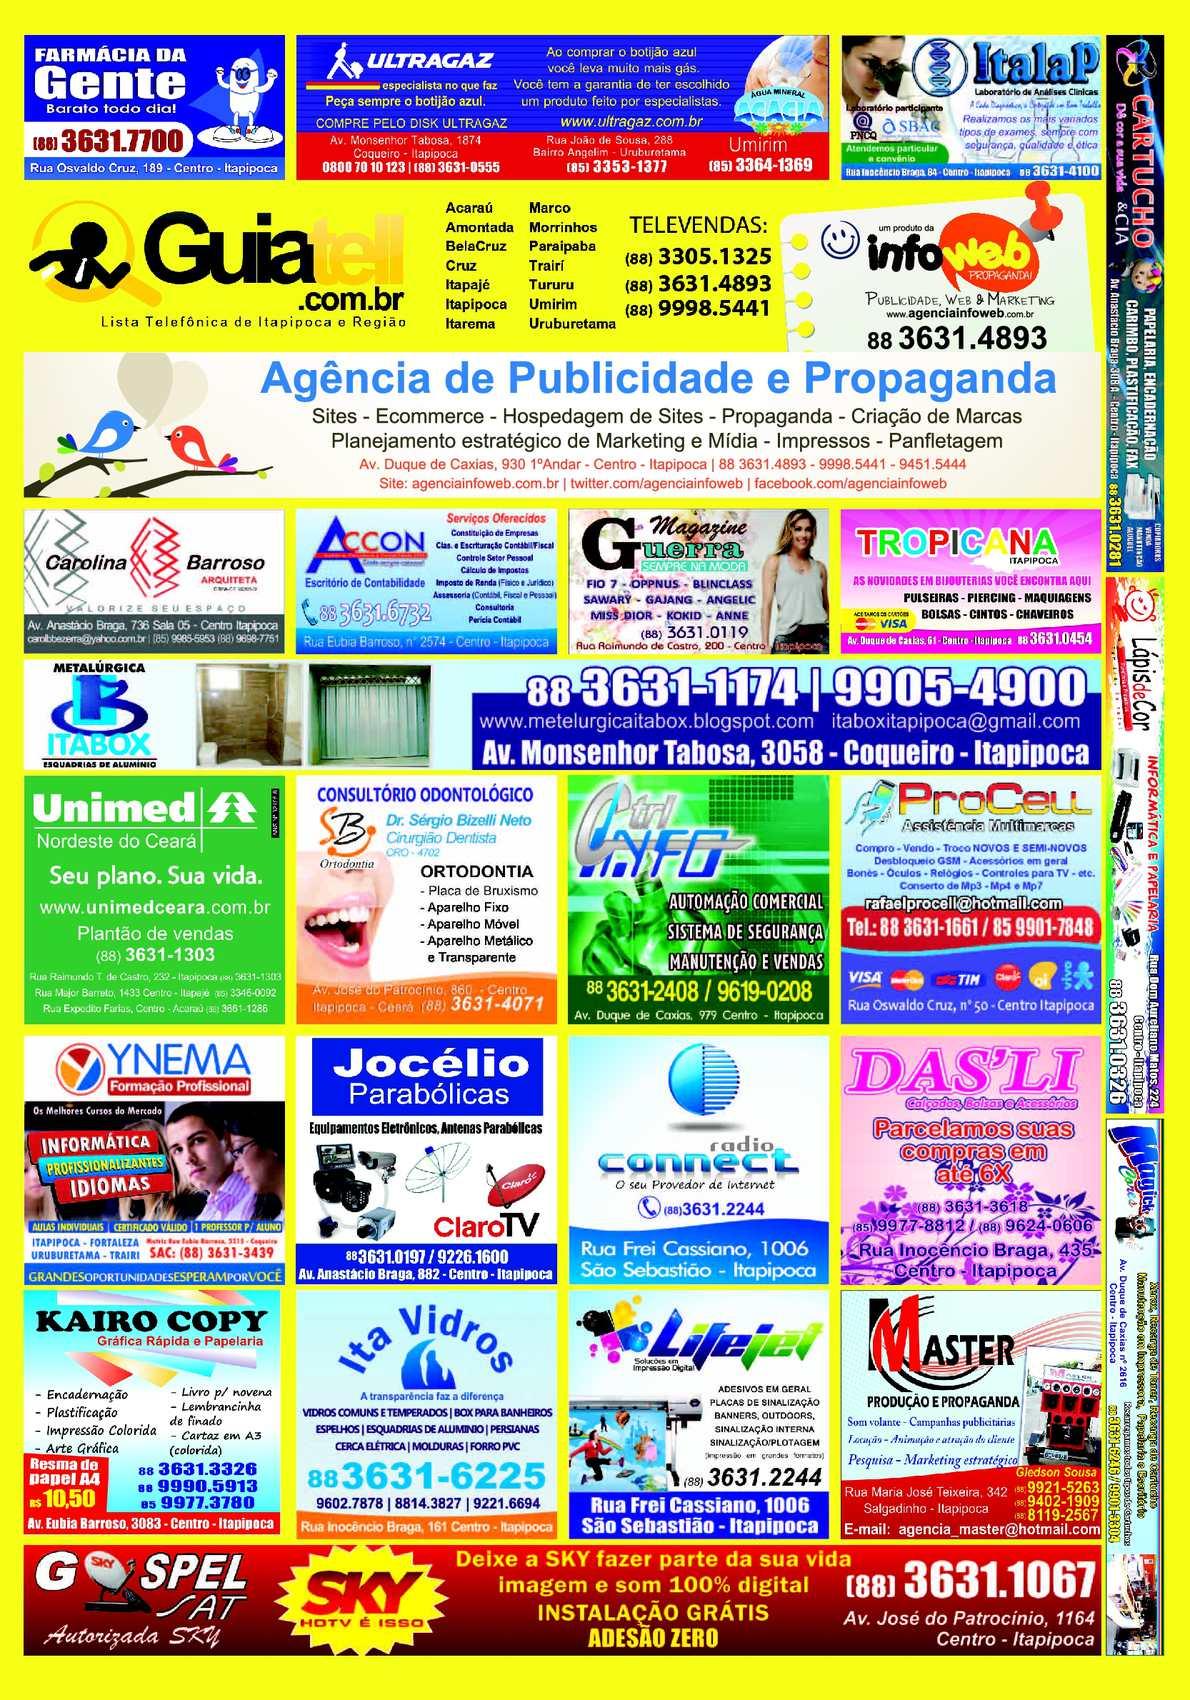 77a3ce2e0ea1e Calaméo - Guiatell Itapipoca 2012 - Listas Telefónicas